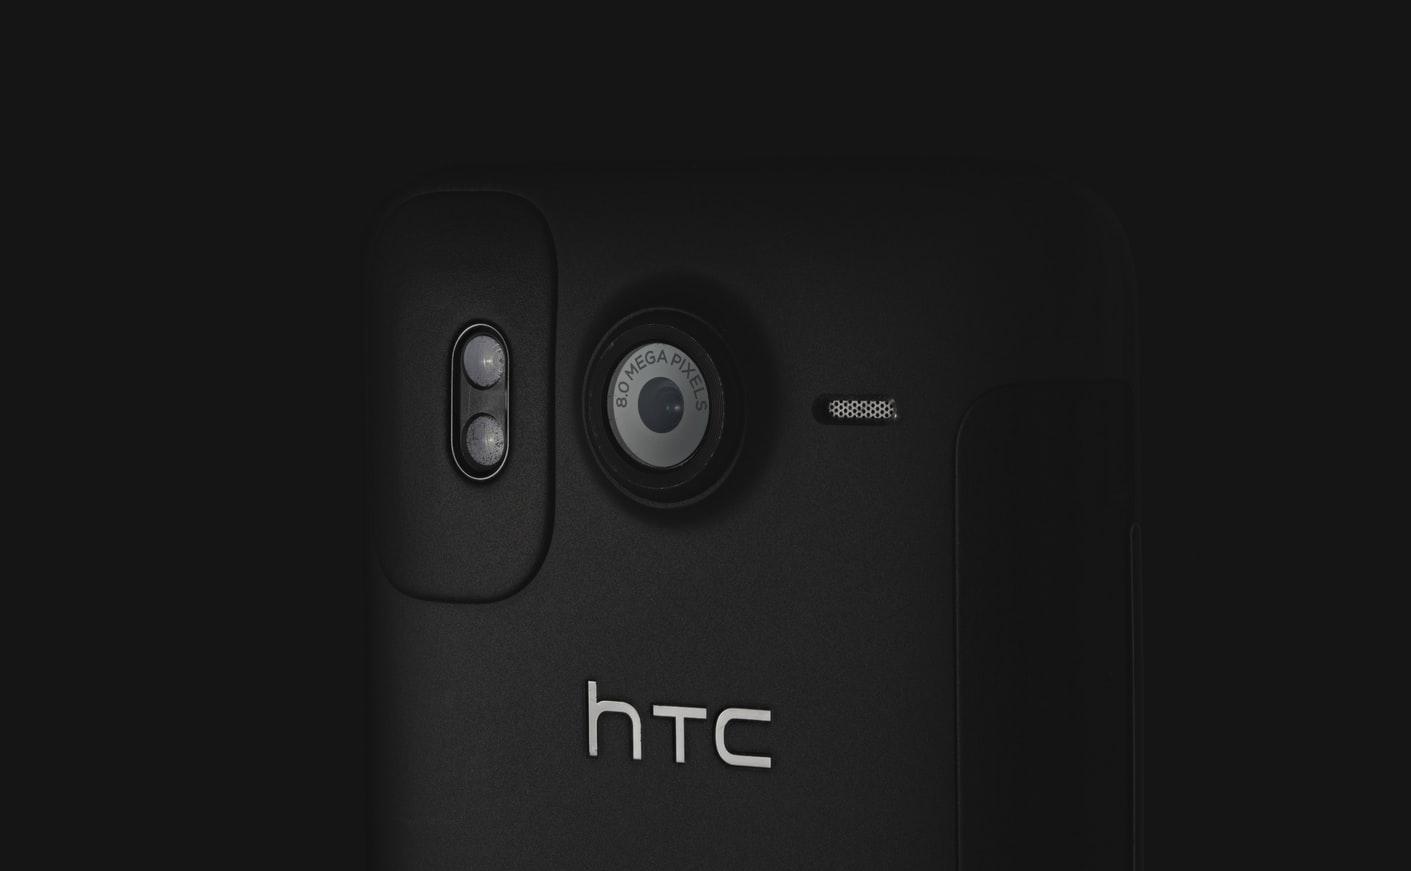 Những gì mong đợi từ HTC cho điện thoại 5G 2